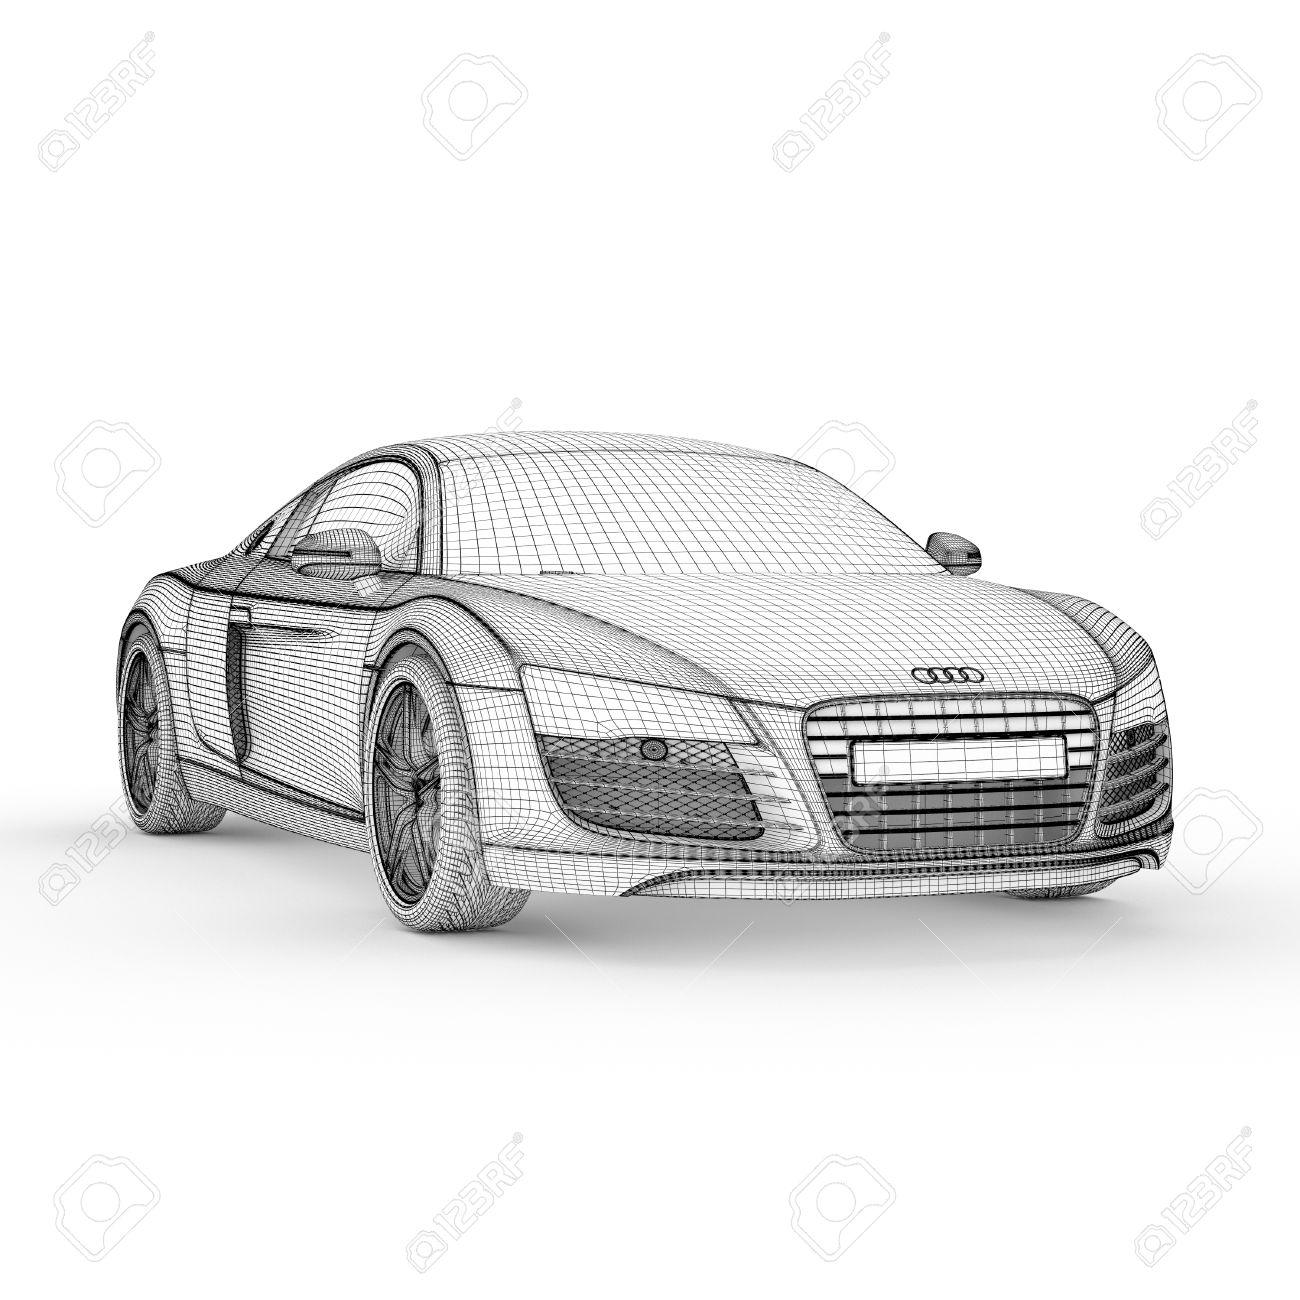 Banque d images - Modèle de voiture design dessin graphique 3d illustration a24c75b919333